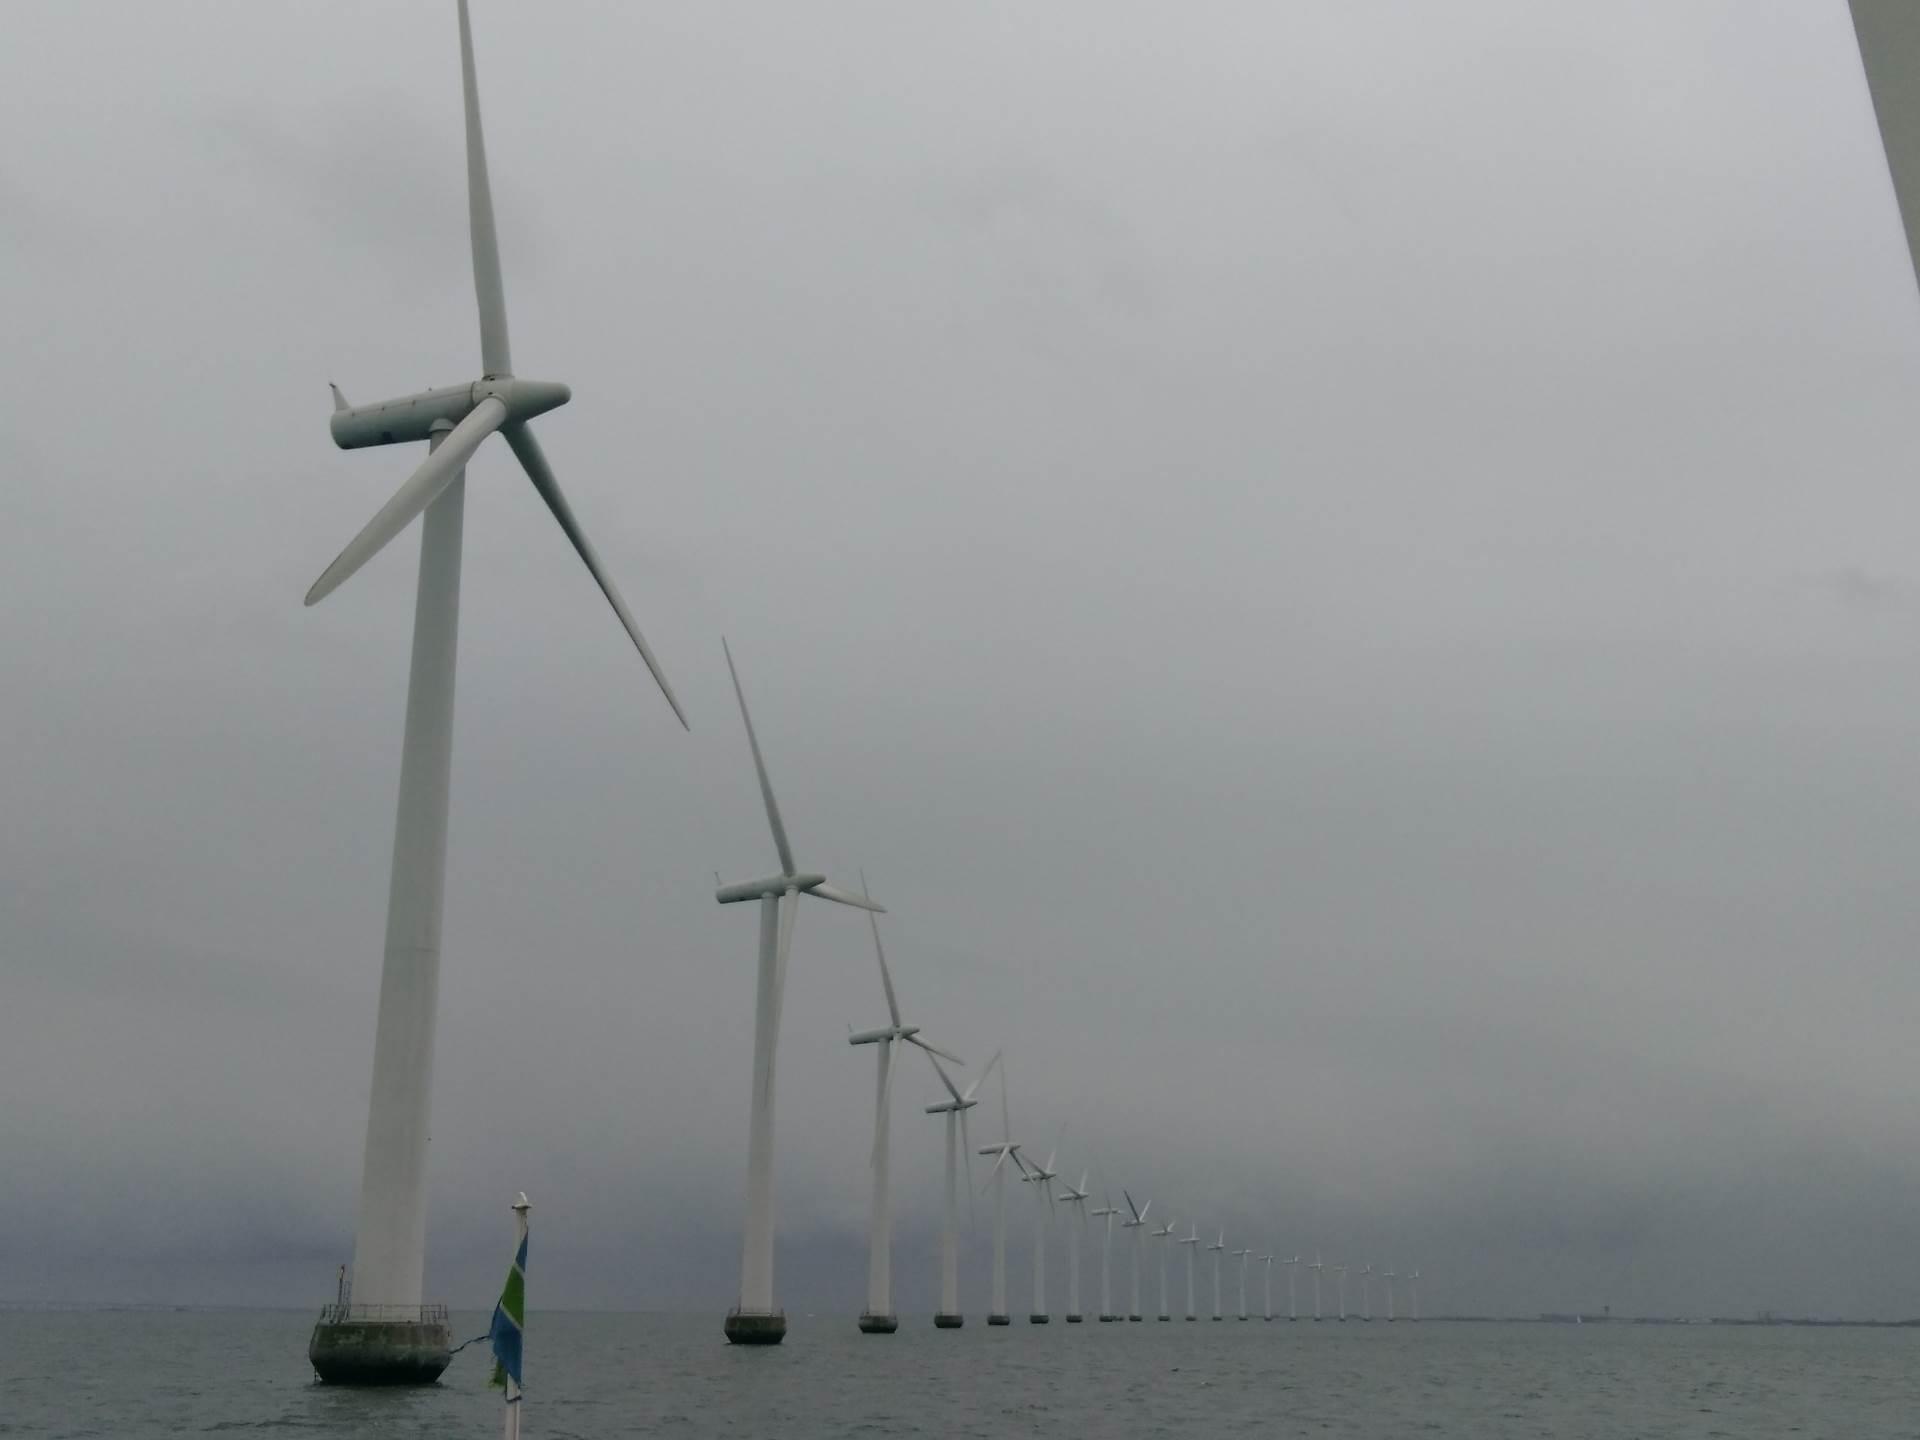 Danci zauzdali vetar, ne žele naftu, ni ugalj